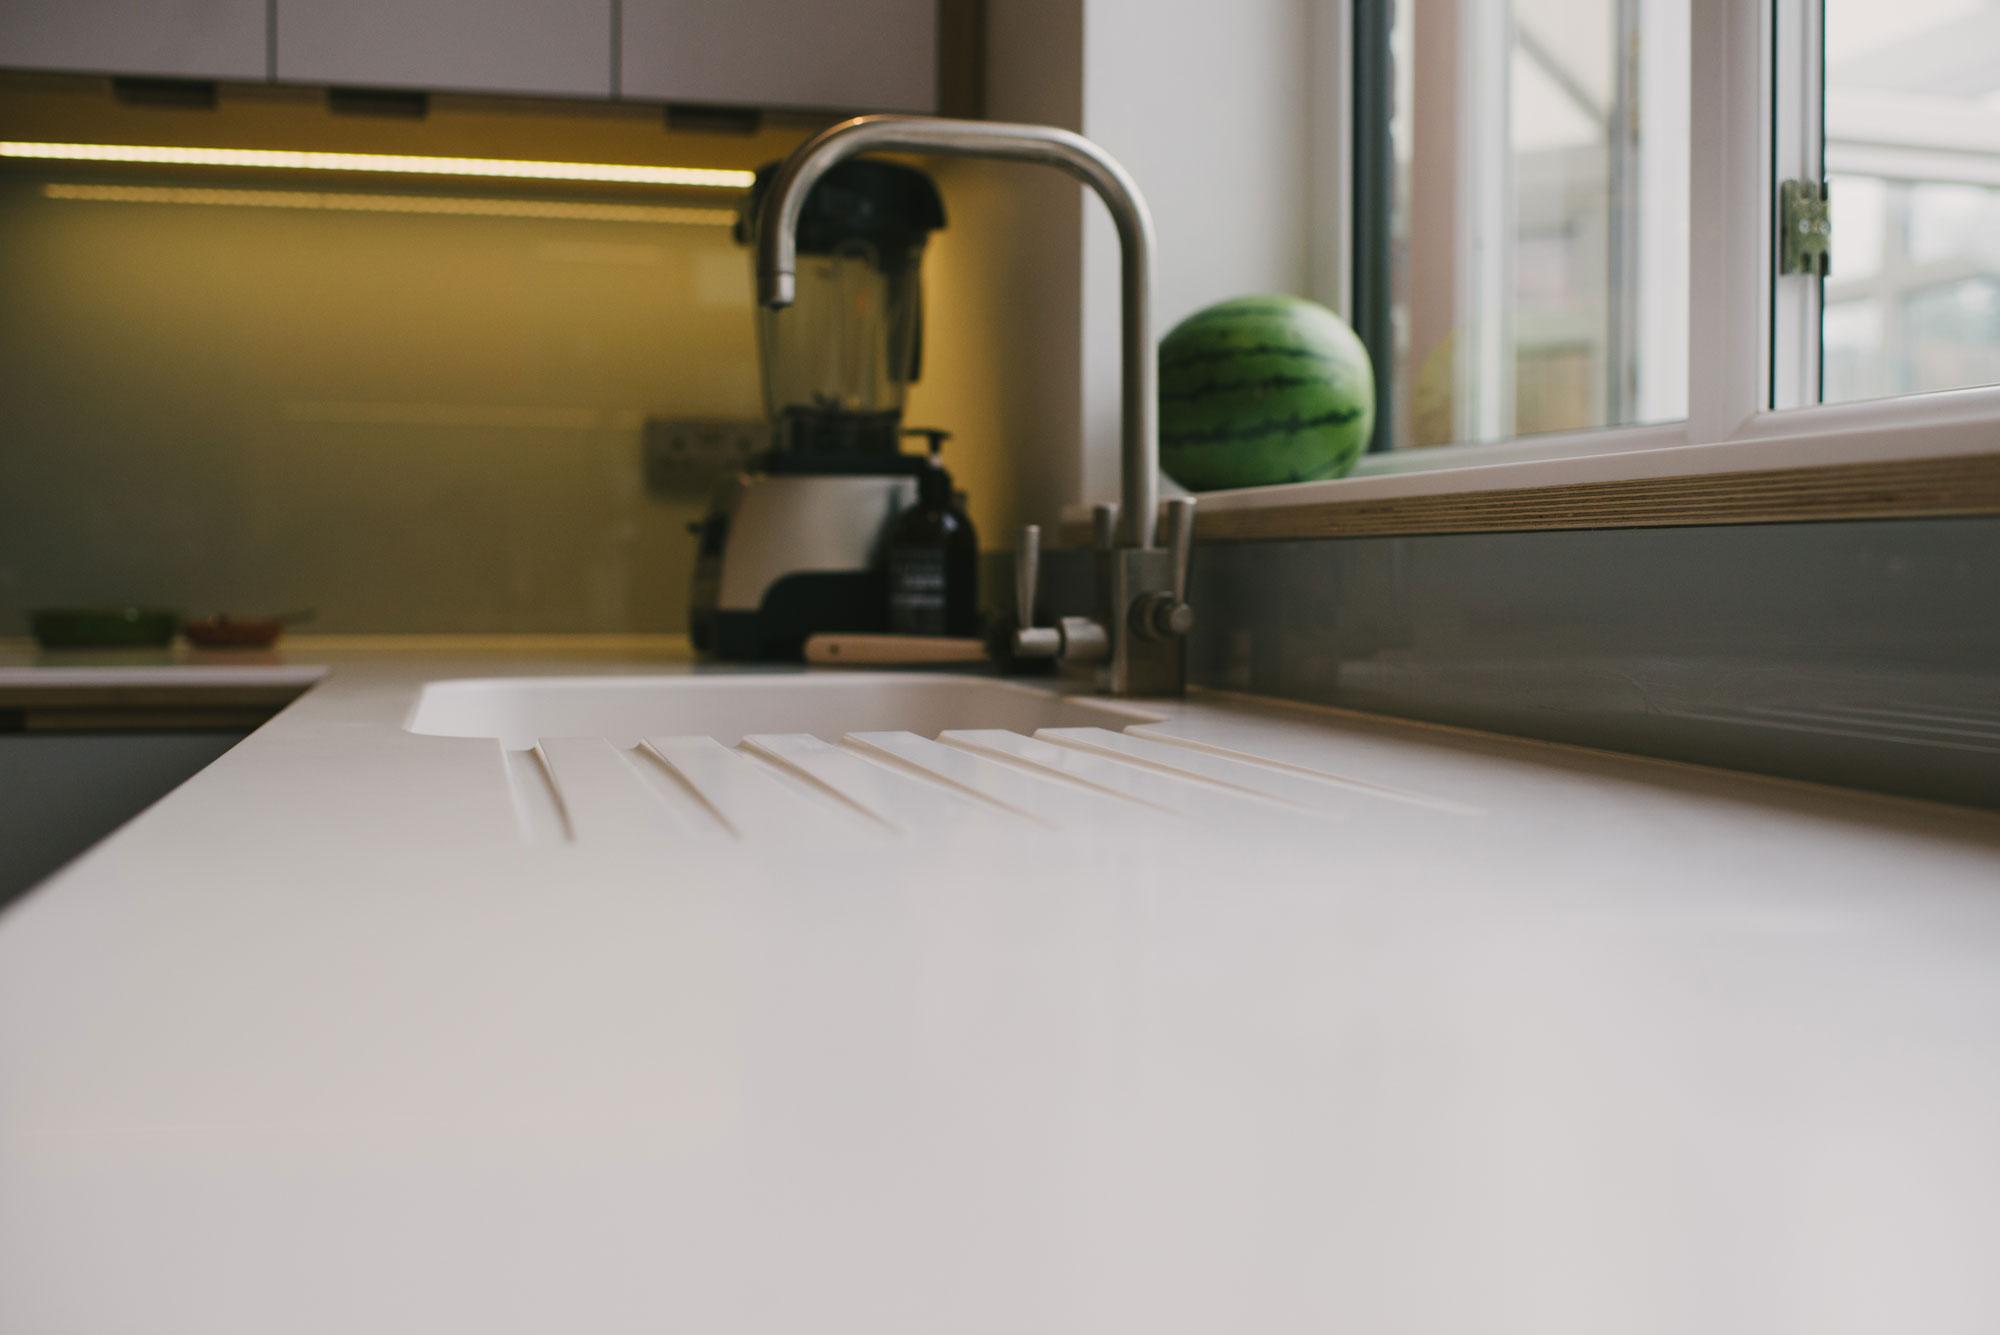 White Corian worktop